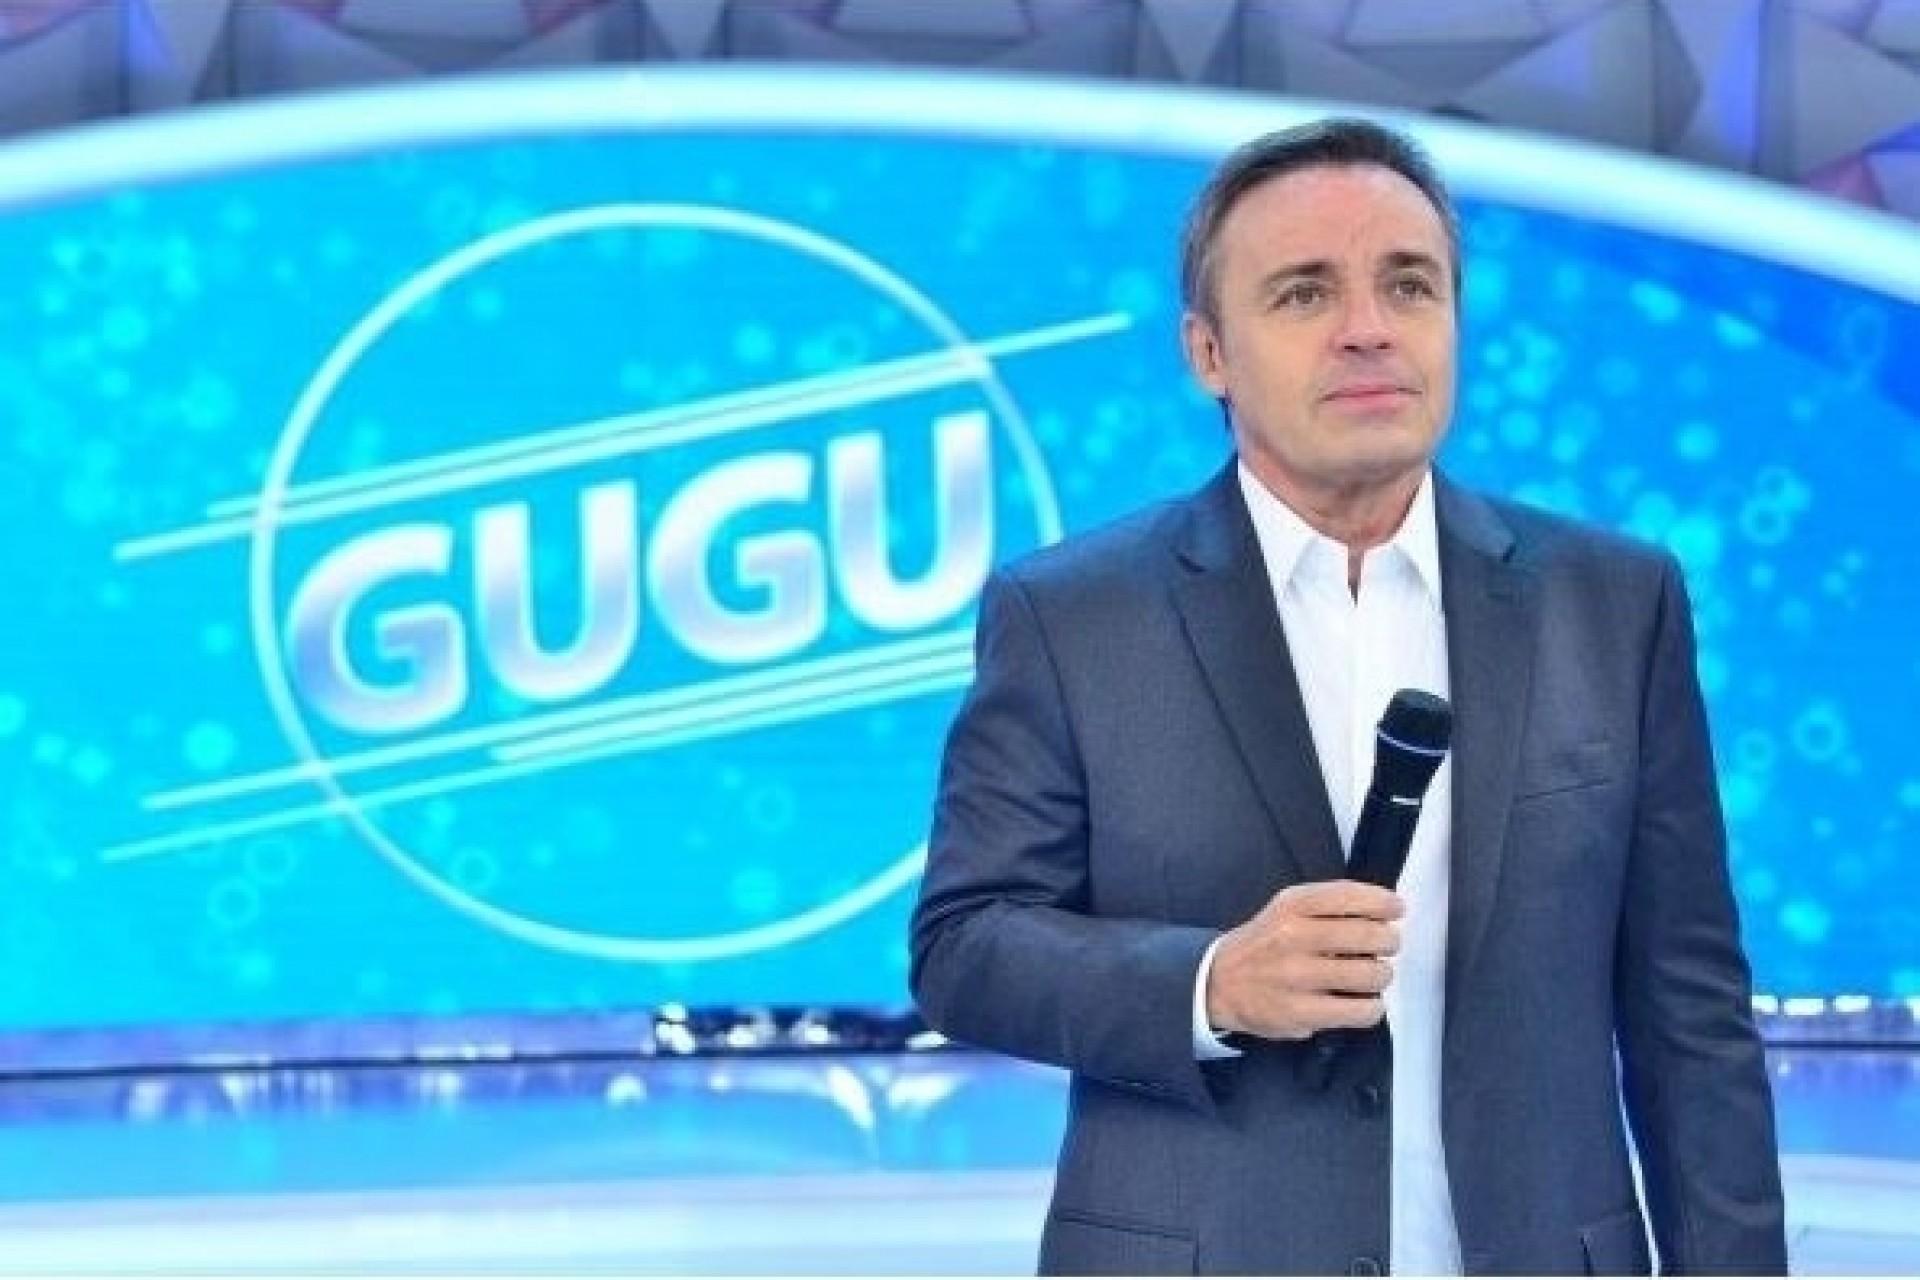 Familiares confirmam morte do apresentador Gugu Liberato